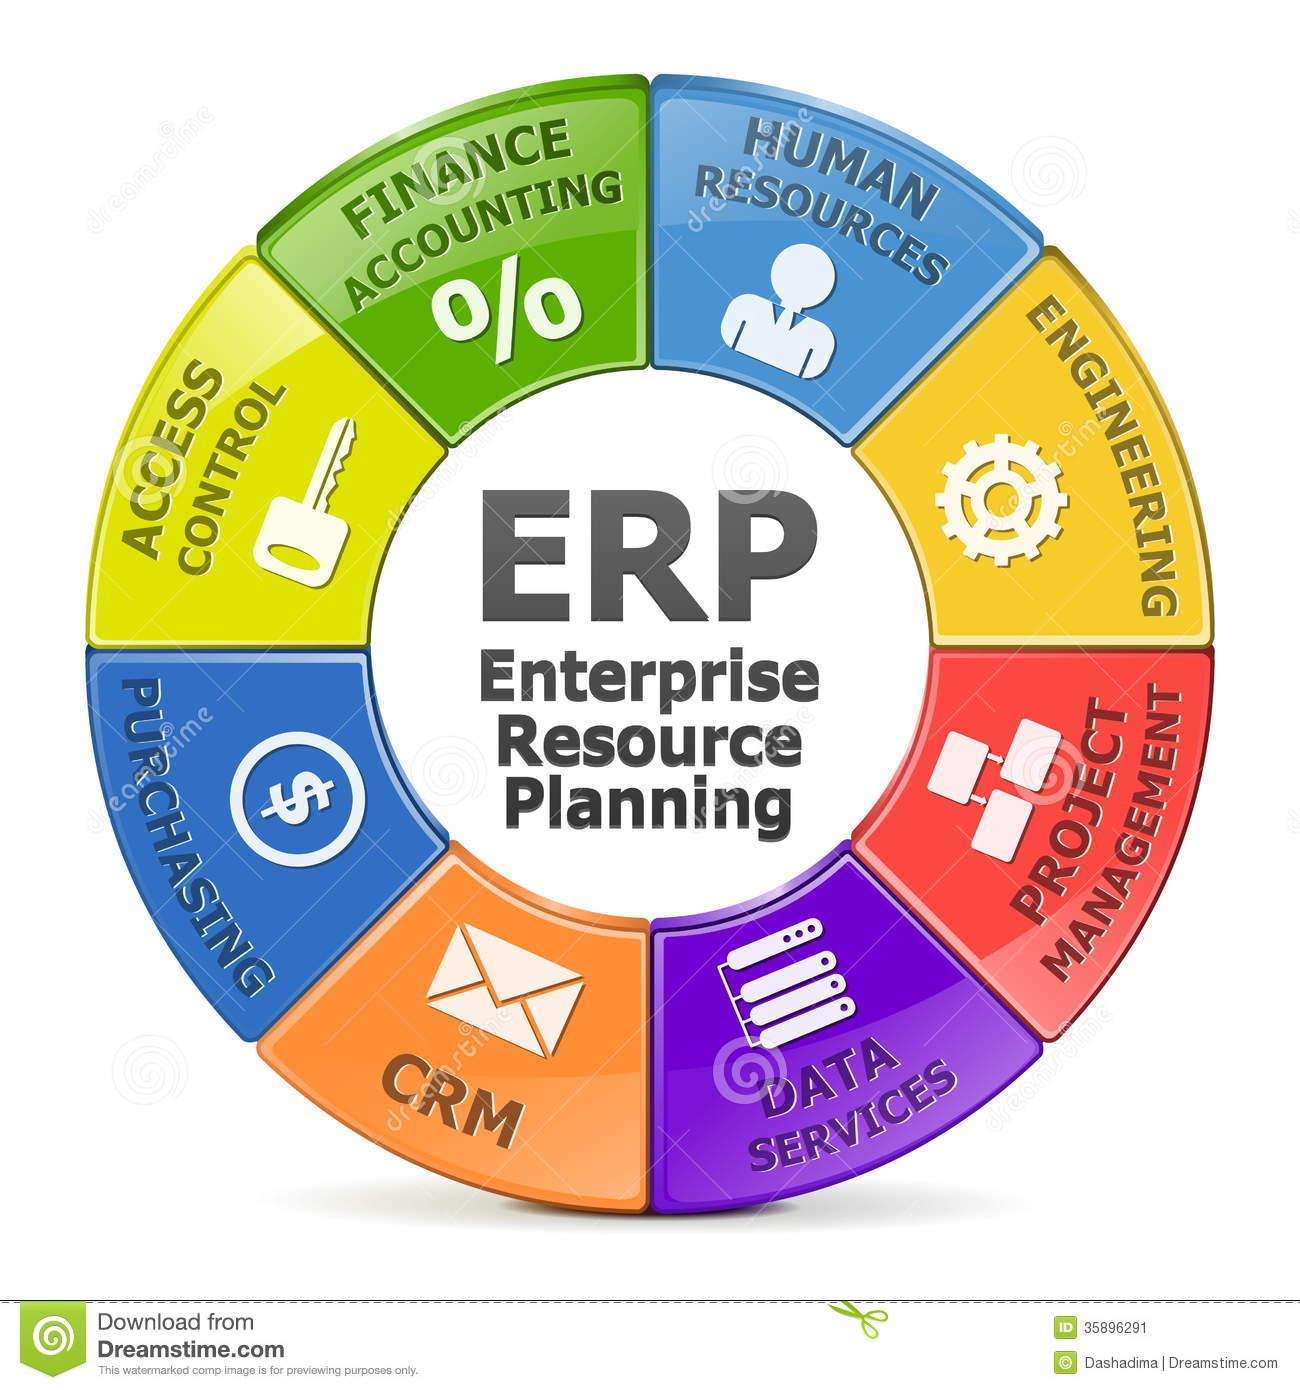 10 yếu tố đảm bảo triển khai ERP thành công